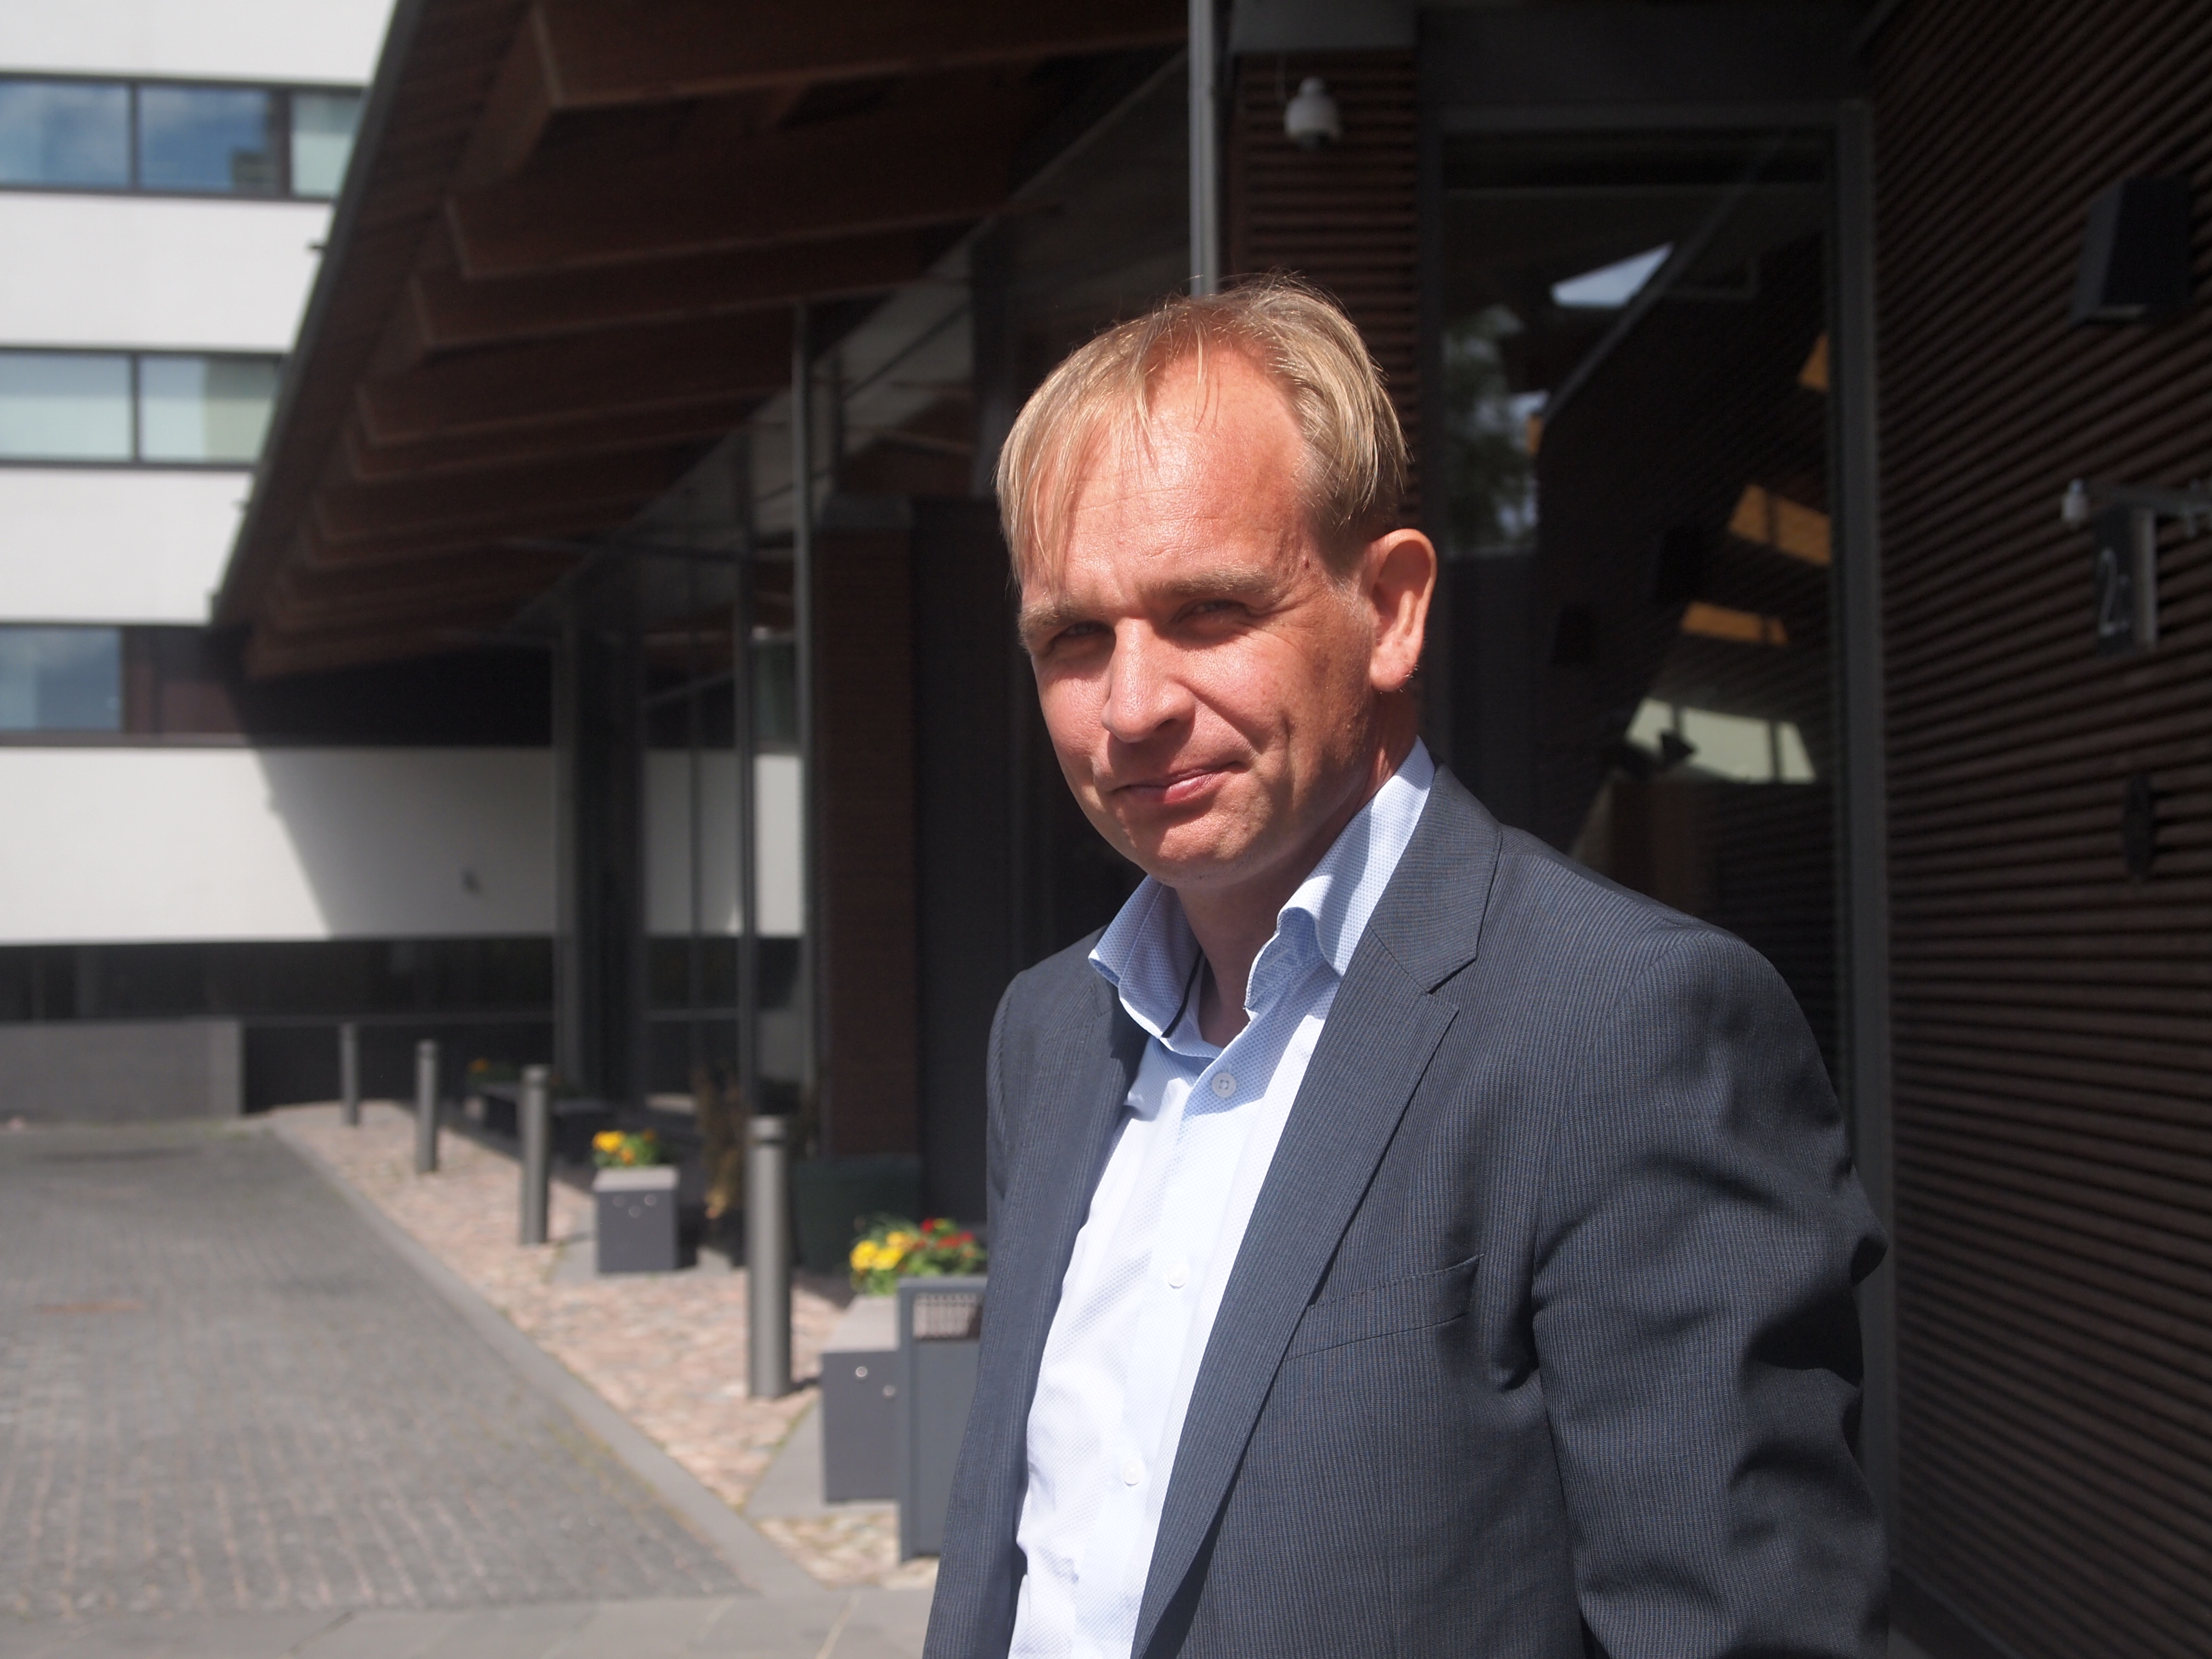 Kehitysjohtaja Mikko Saavalainen, Metsä Wood. Kuva: Hannes Mantyranta